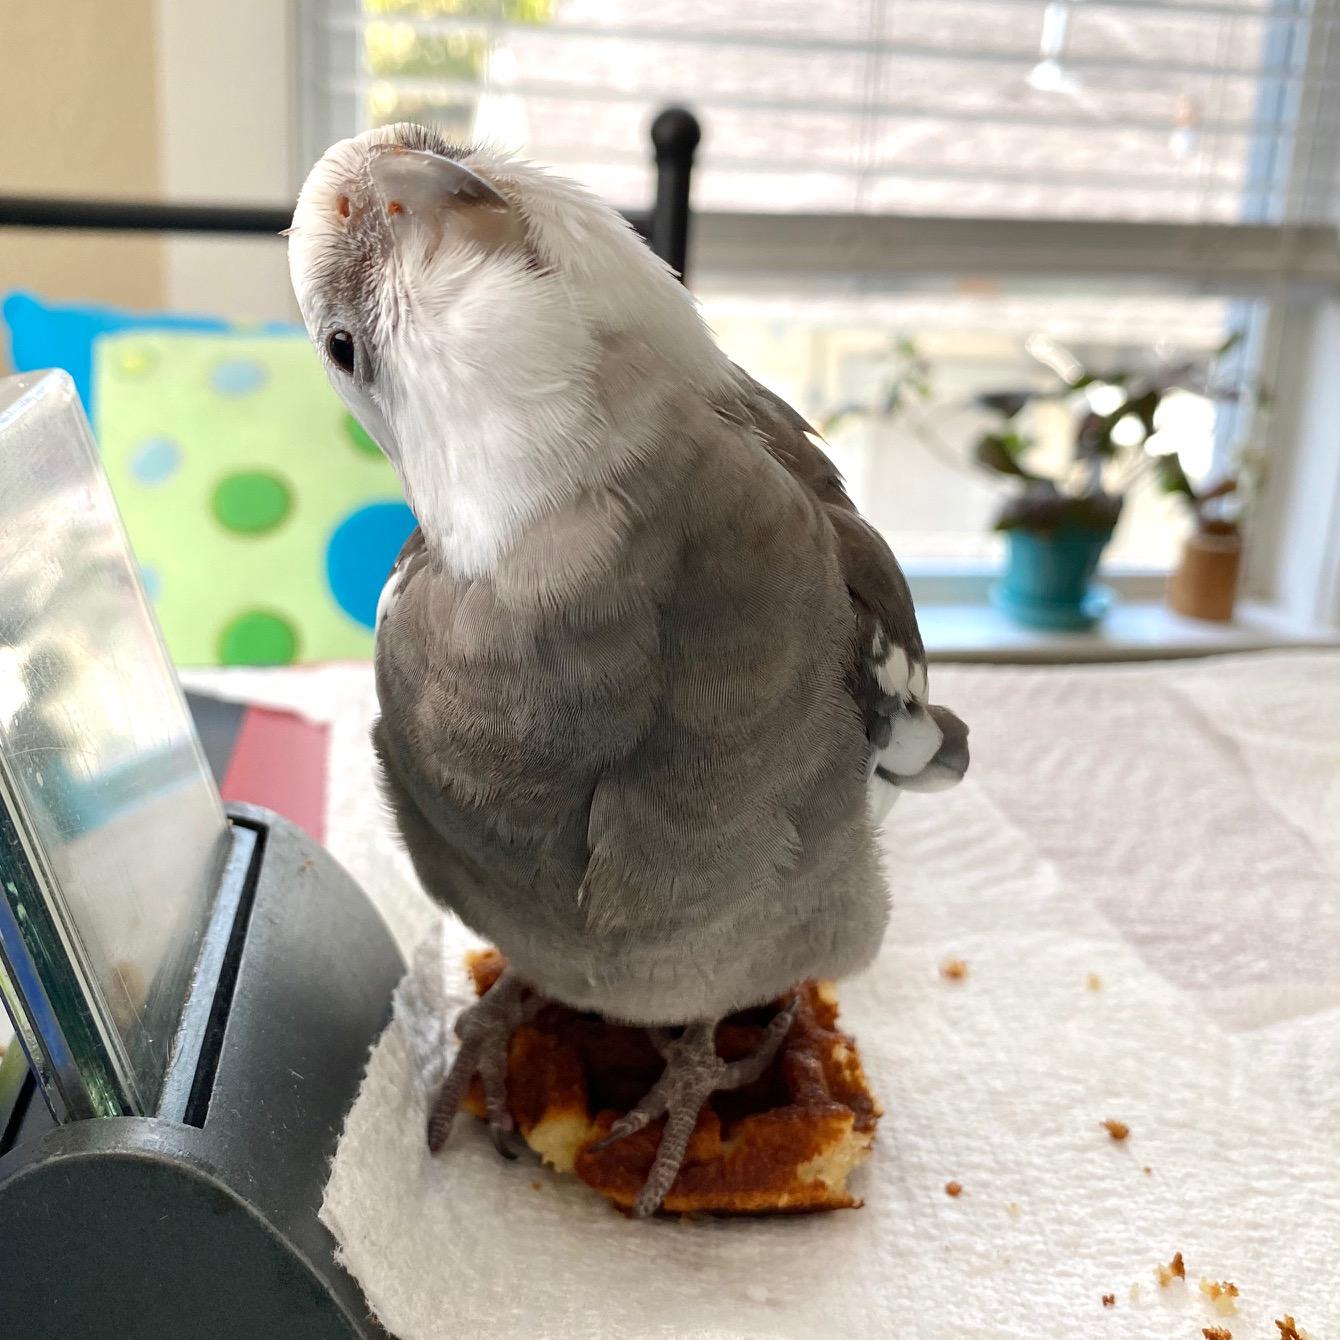 cockatiel sits on waffle